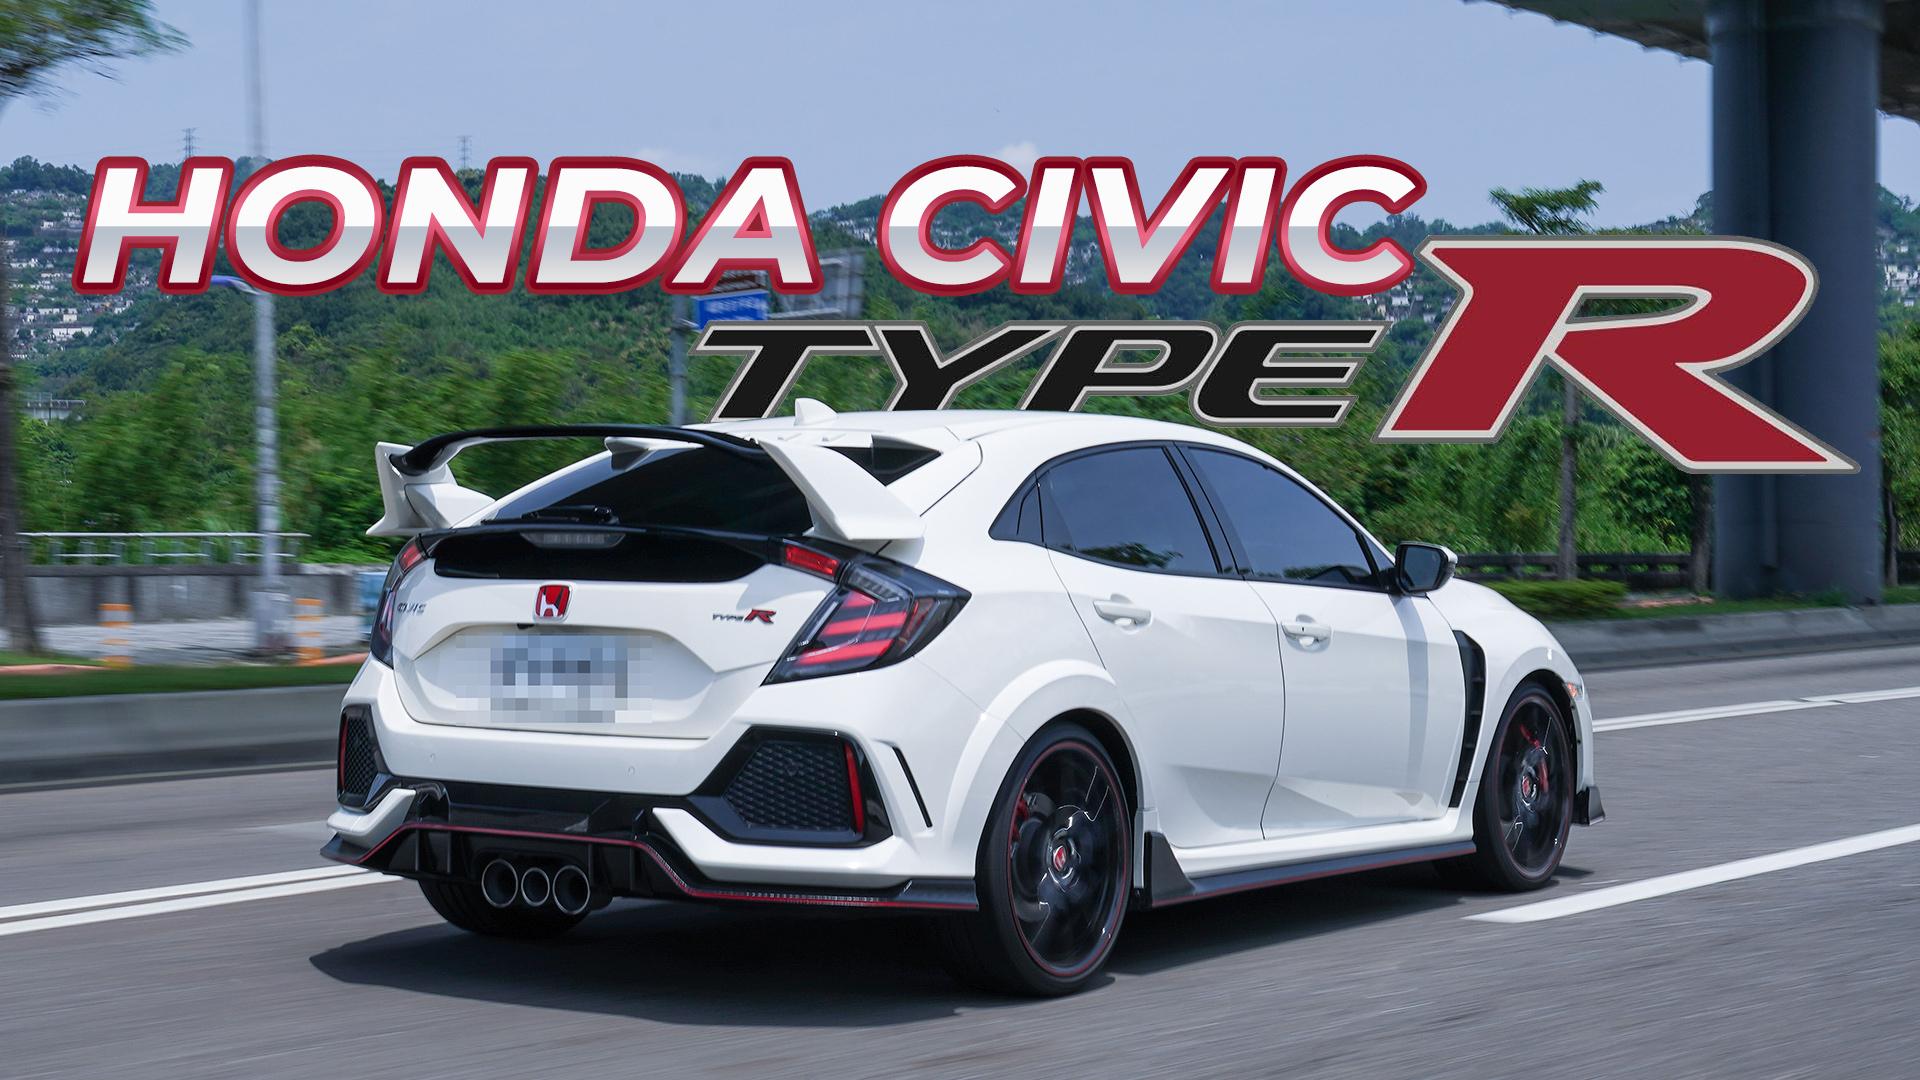 手排魂不滅!戰鬥、舒適在彈指之間 HONDA Civic Type-R|新車試駕